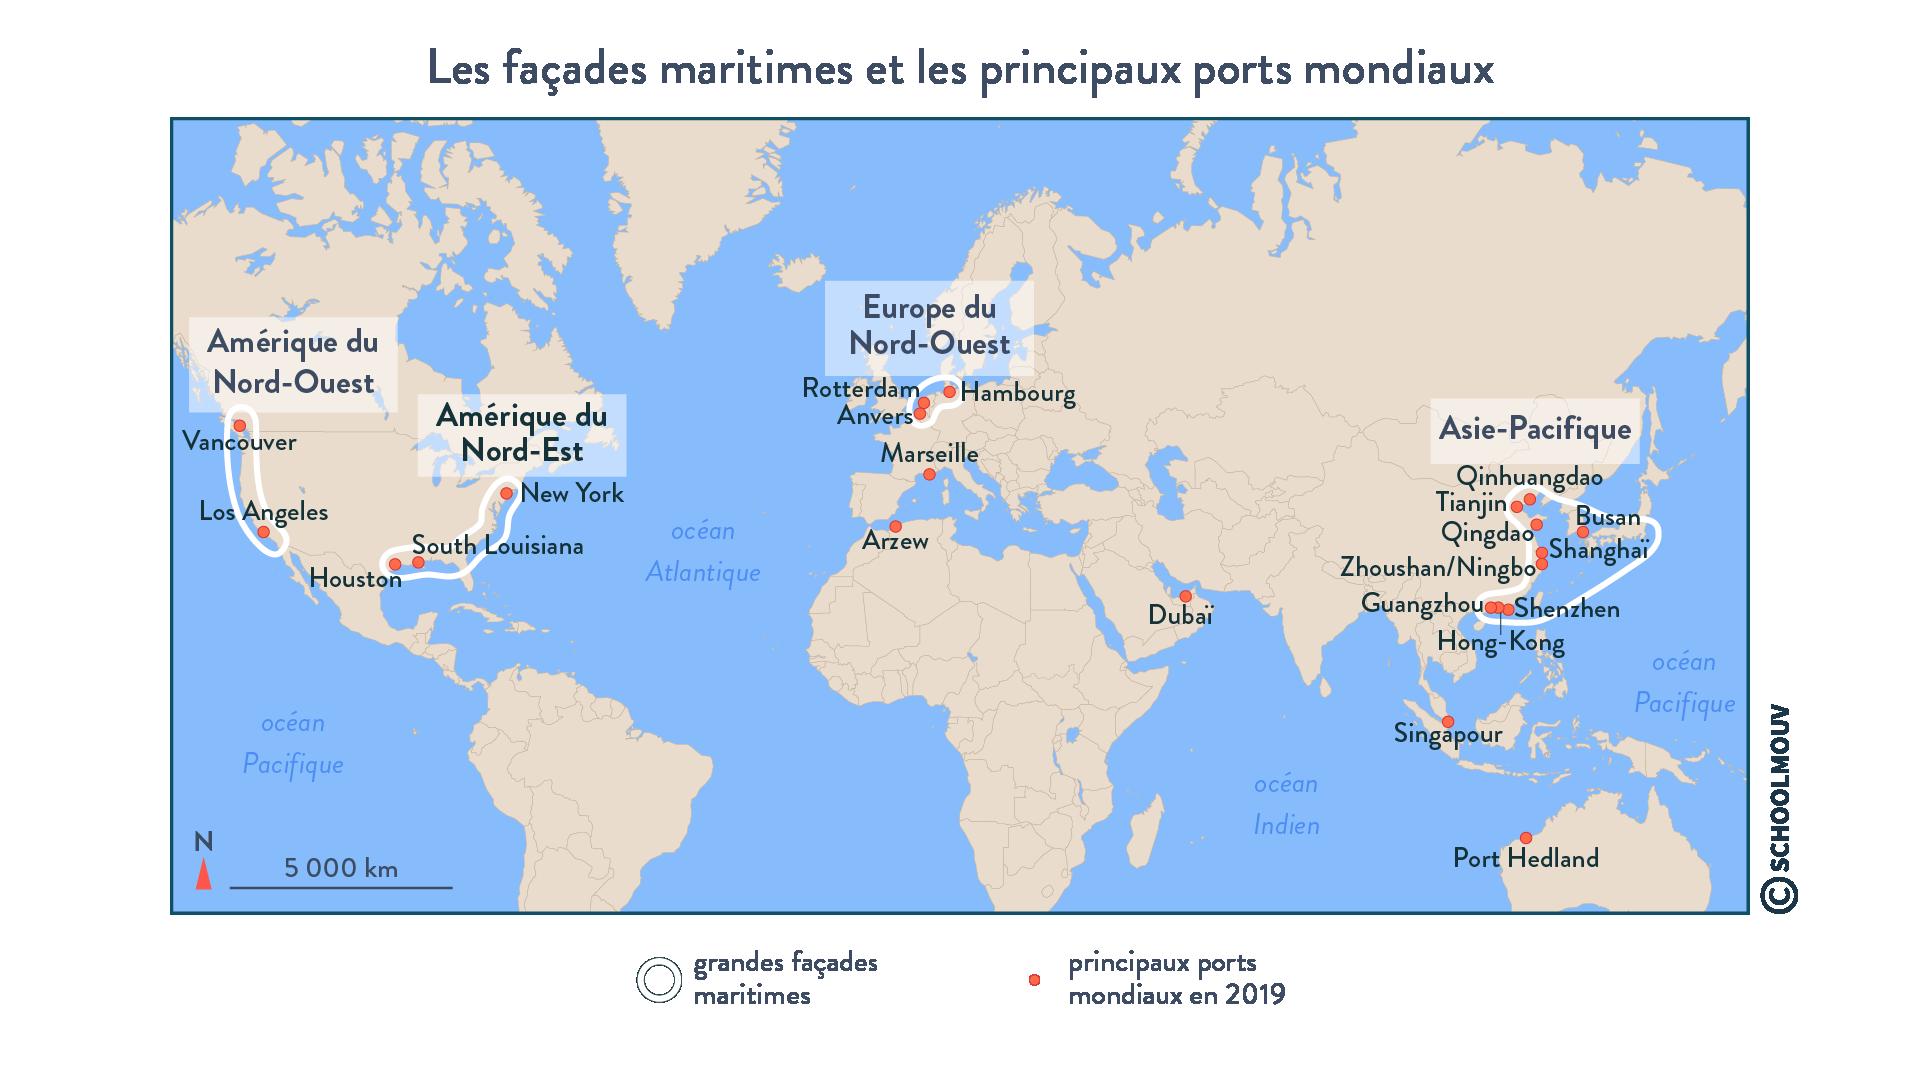 Les façades maritimes et les principaux ports mondiaux - géographie - terminale - SchoolMouv